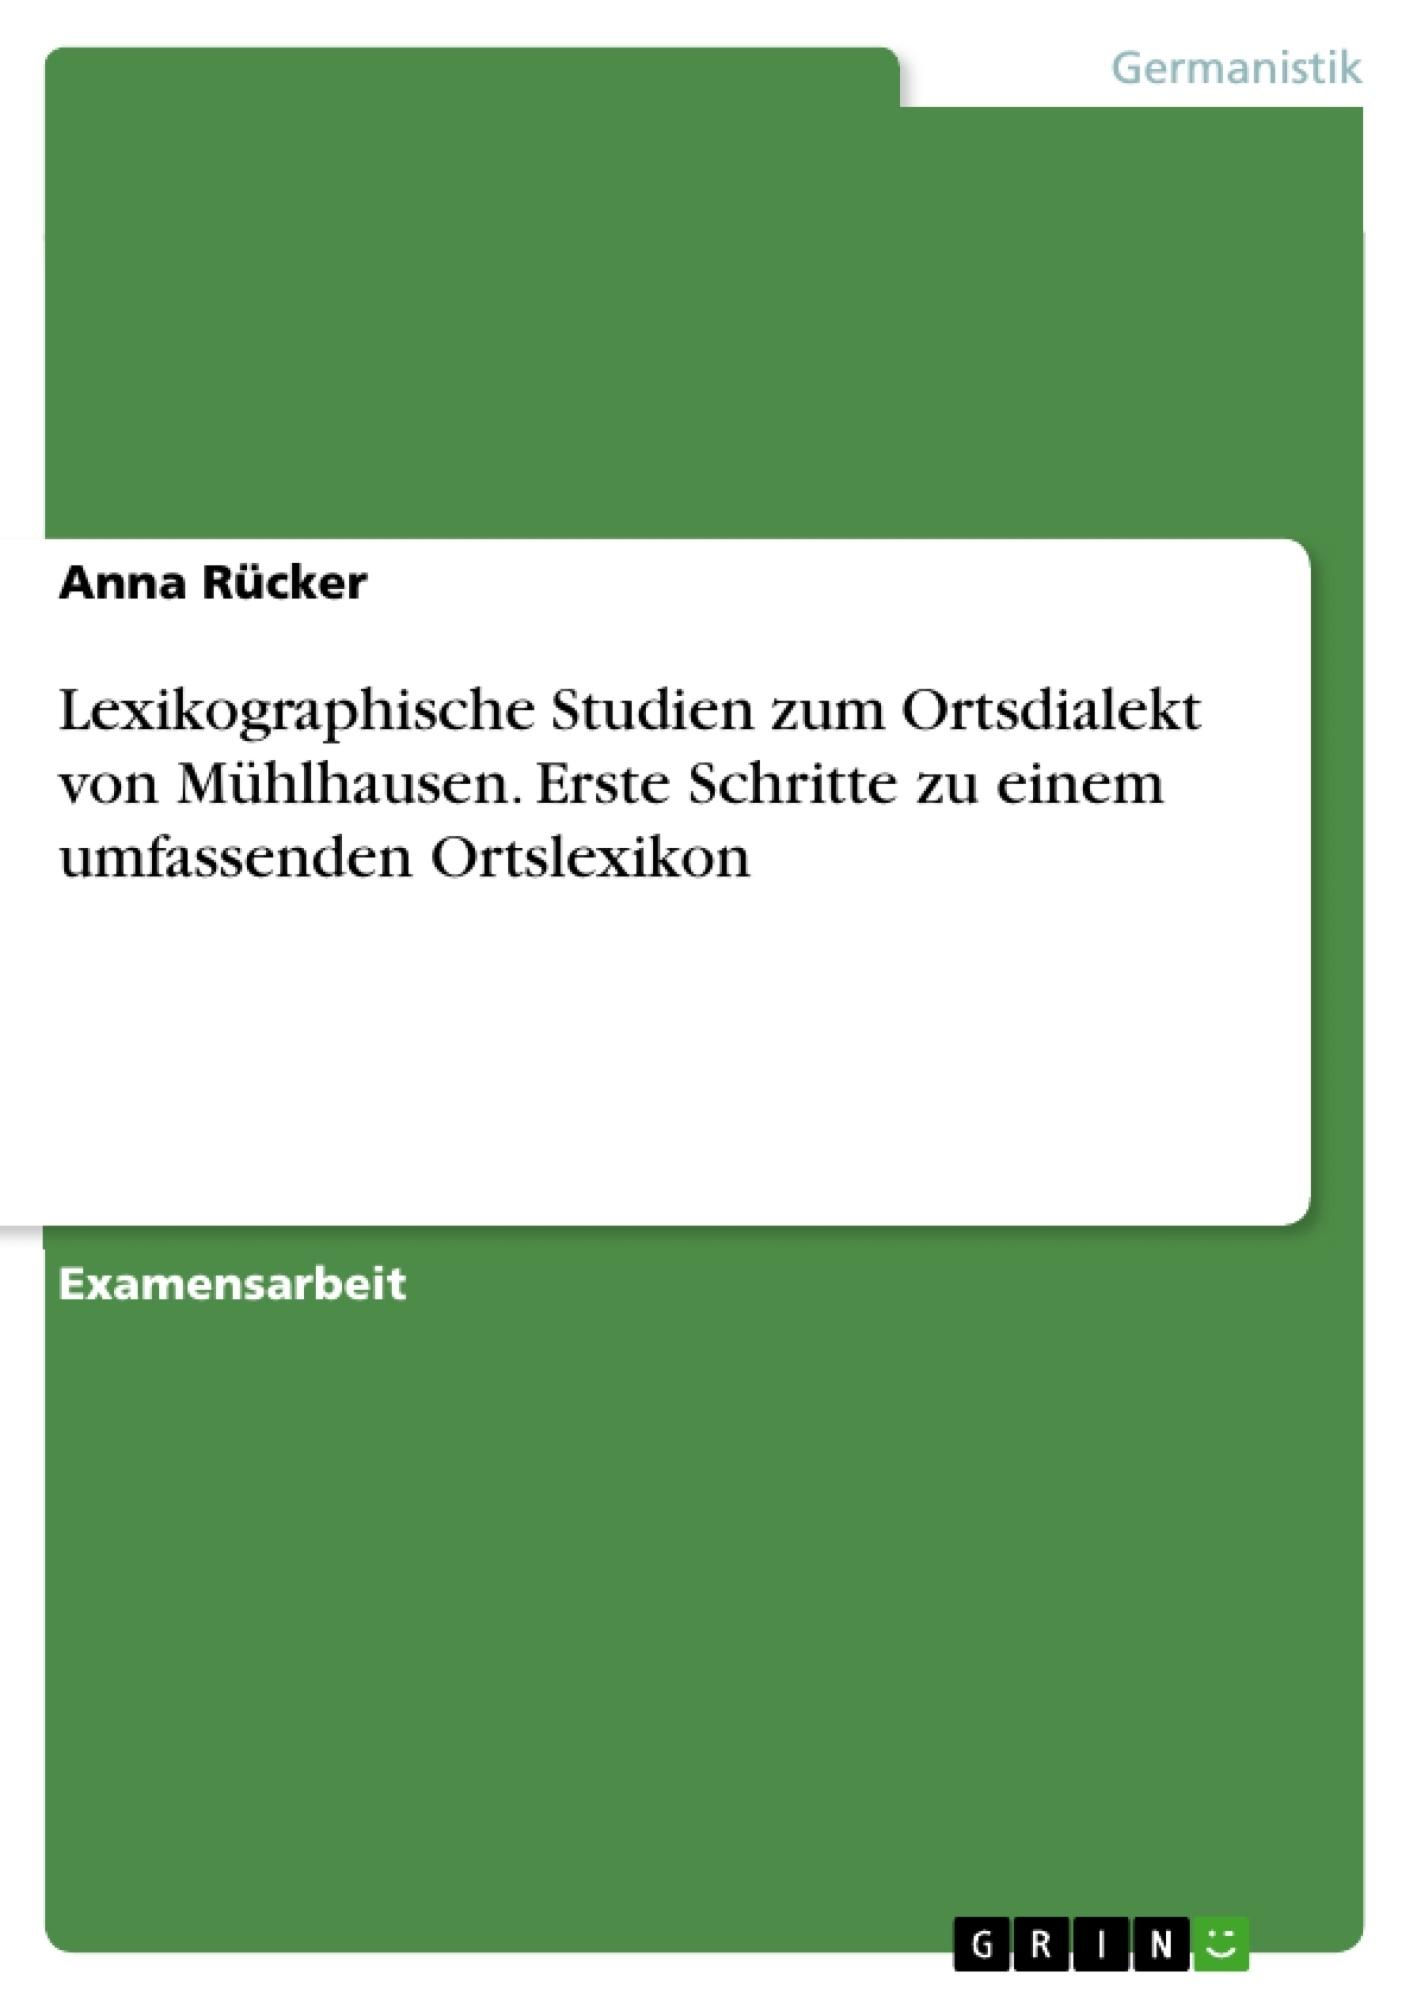 Titel: Lexikographische Studien zum Ortsdialekt von Mühlhausen. Erste Schritte zu einem umfassenden Ortslexikon